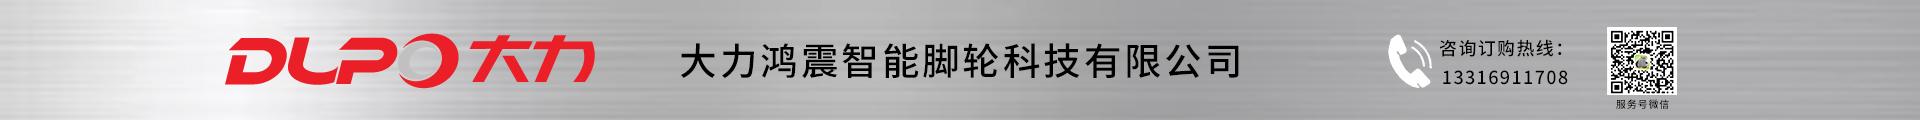 深圳市大力鴻震智慧腳輪科技有限公司